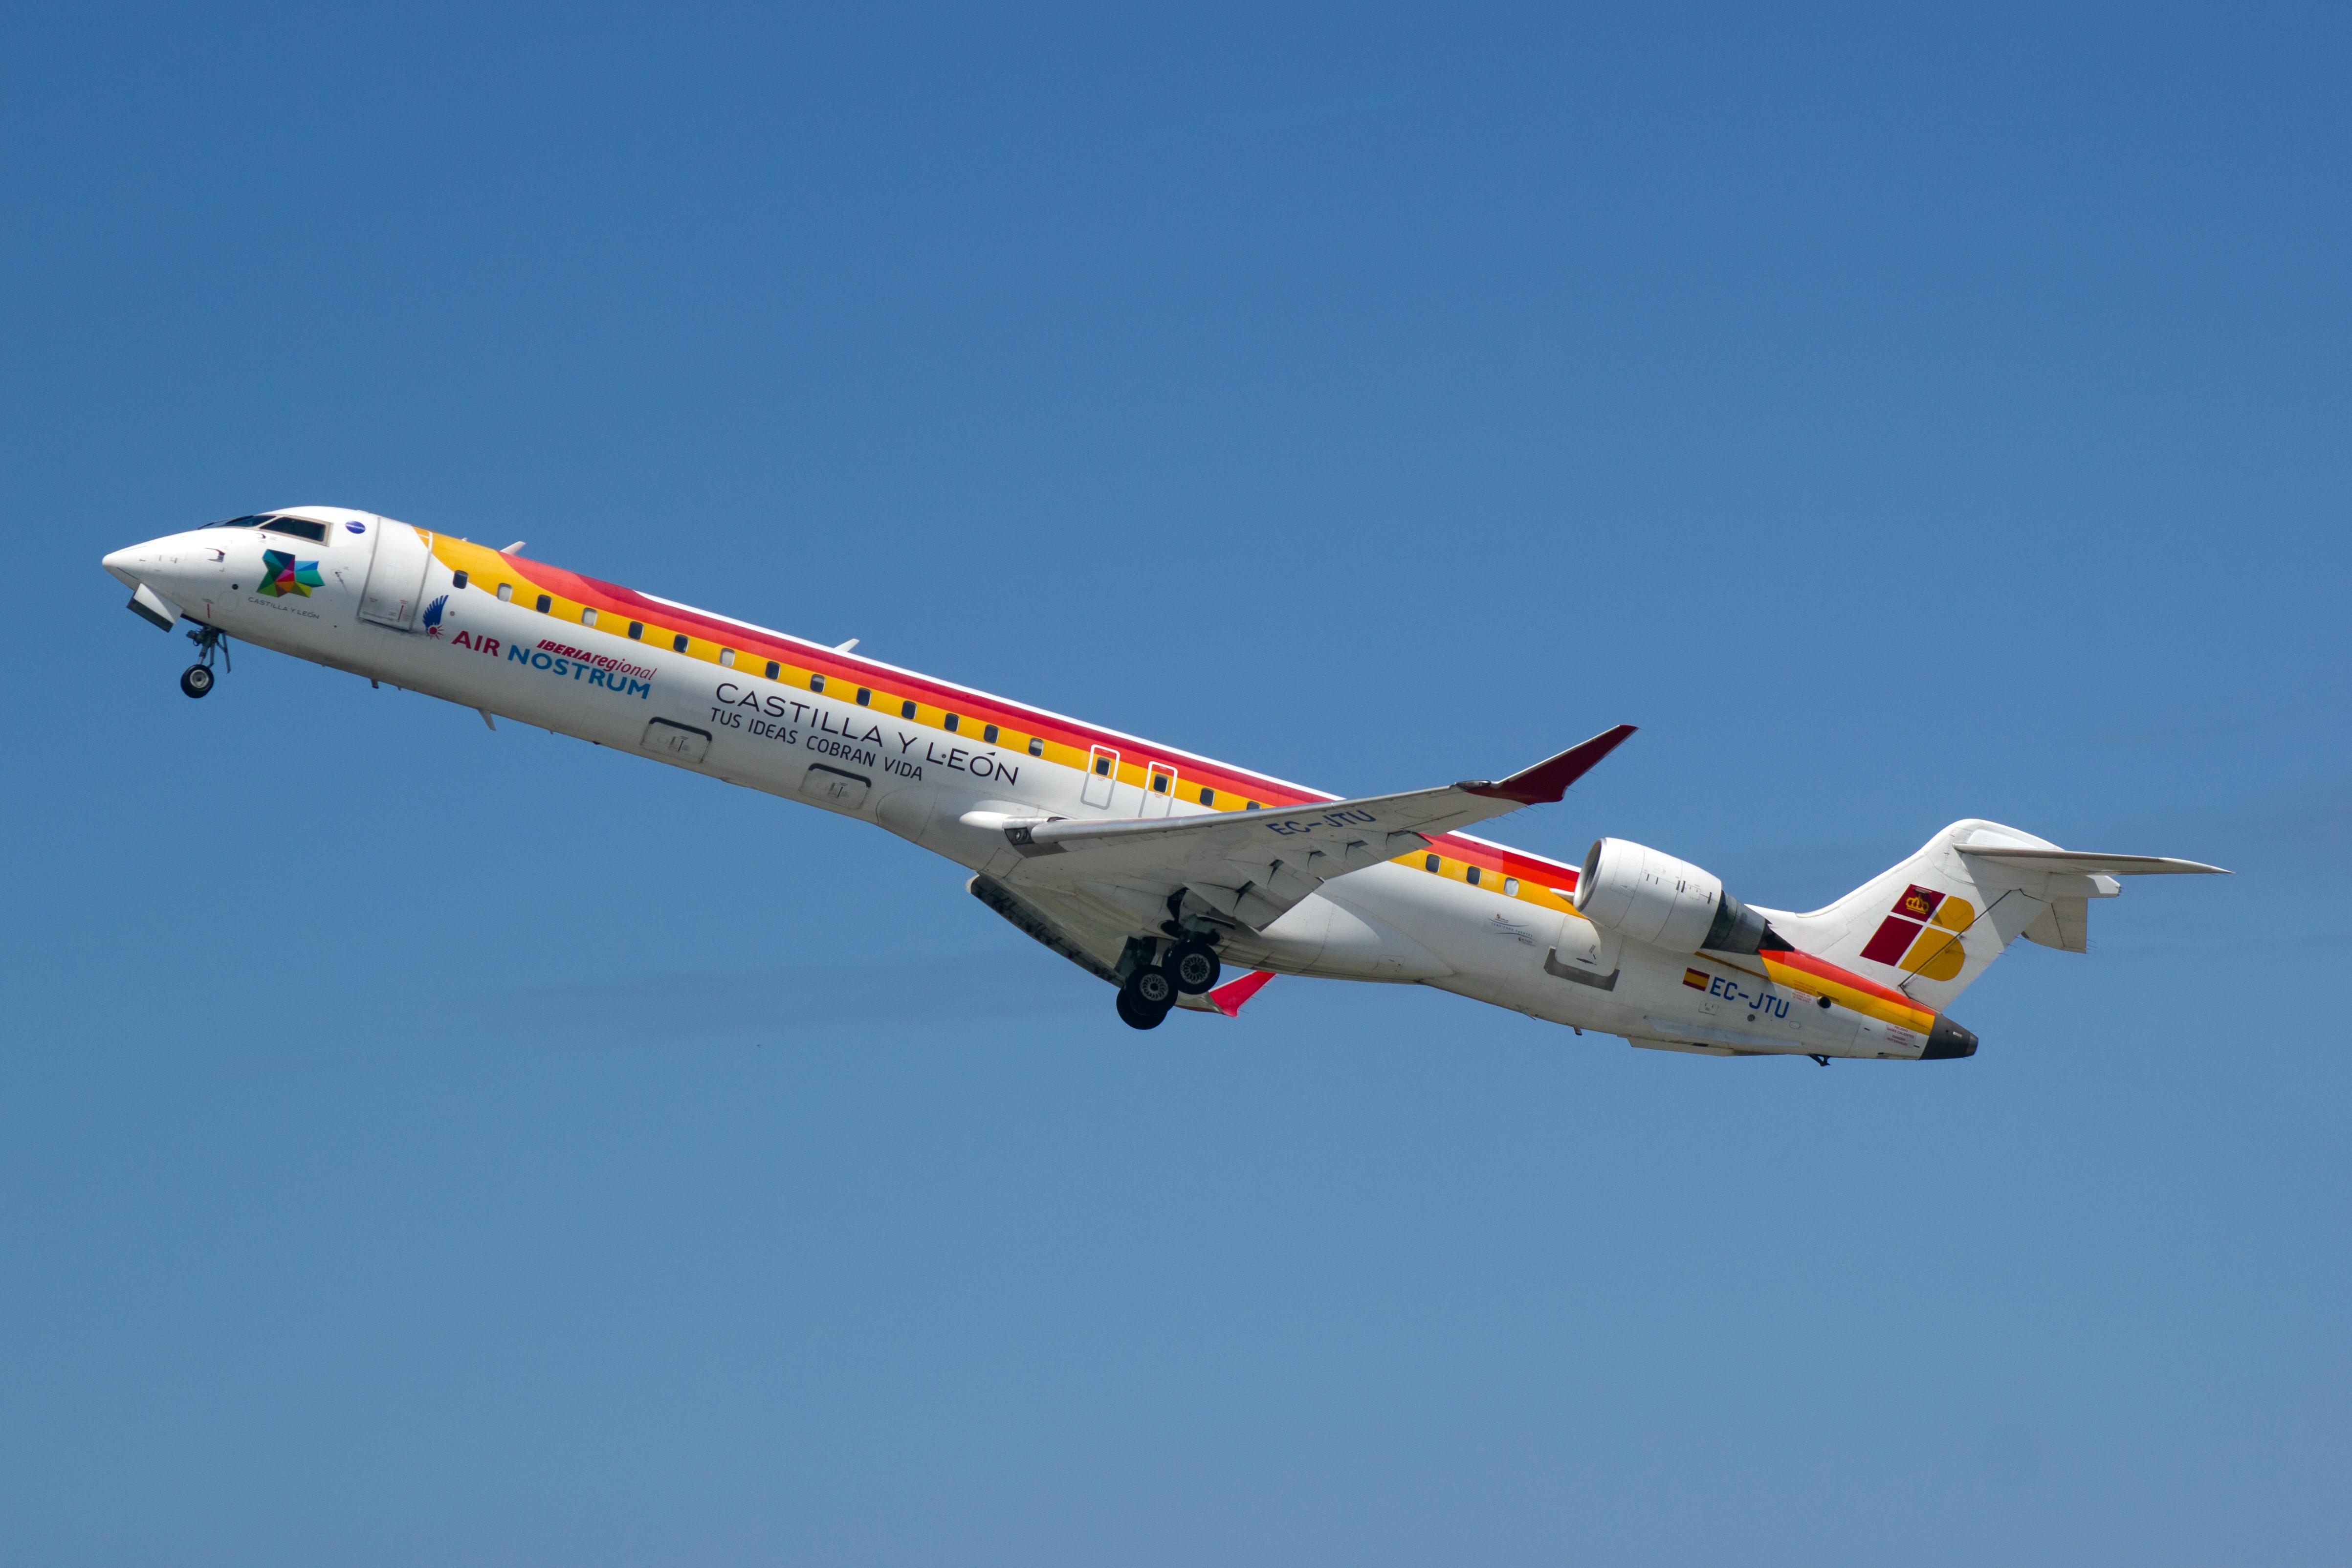 CRJ-900_Air_Nostrum_EC-JTU_01.jpg